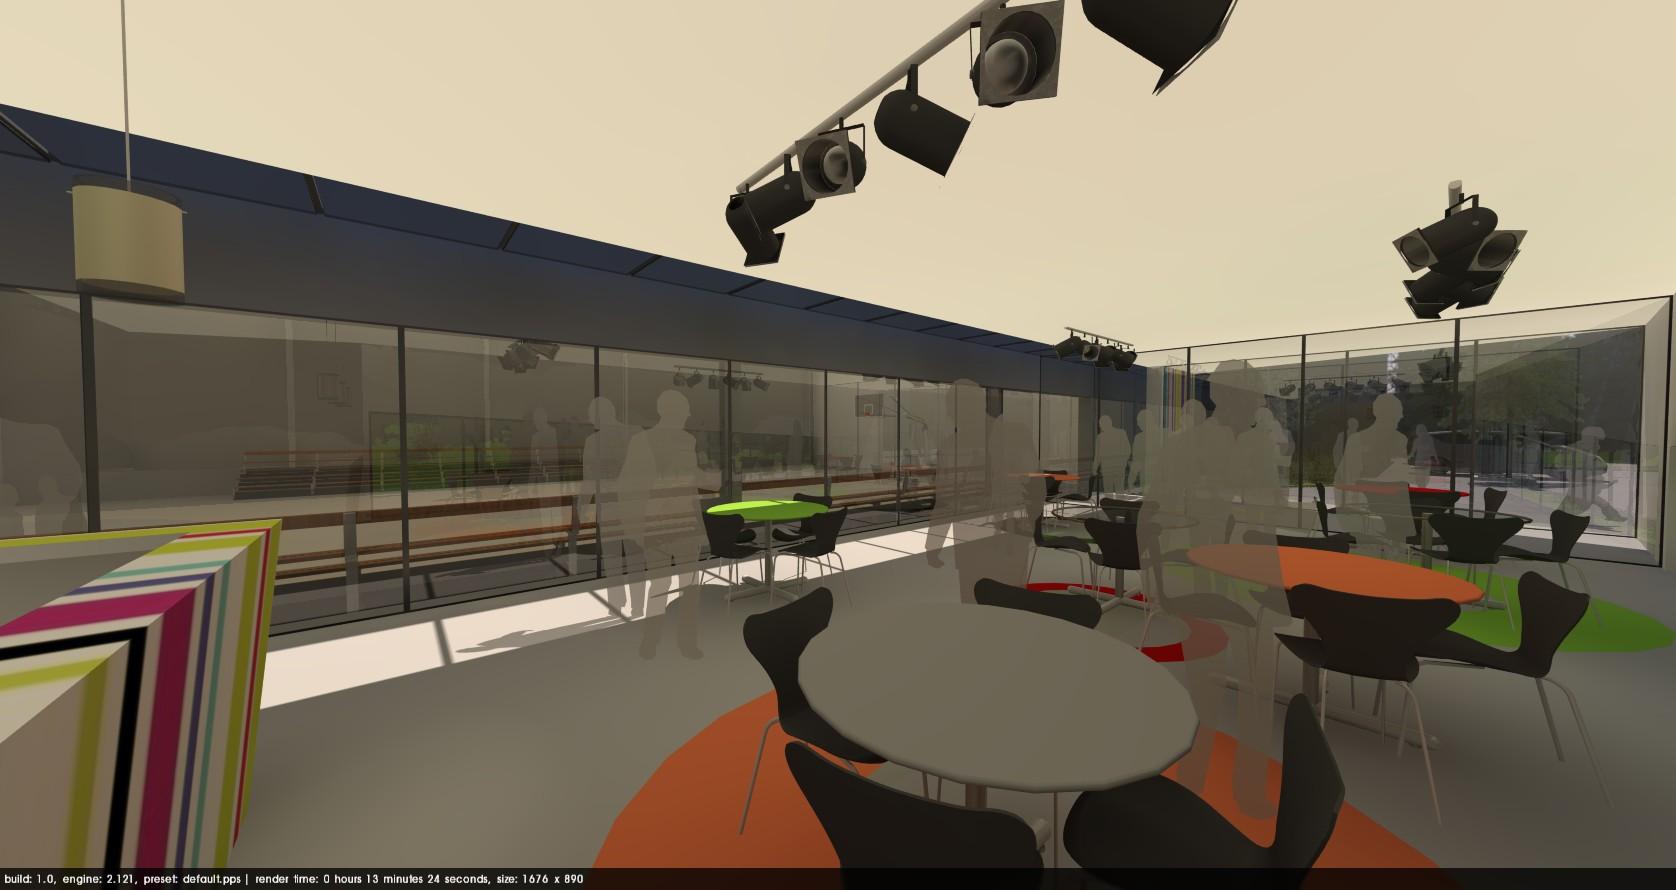 3D Tilf 03 2011-06-10 21554300000